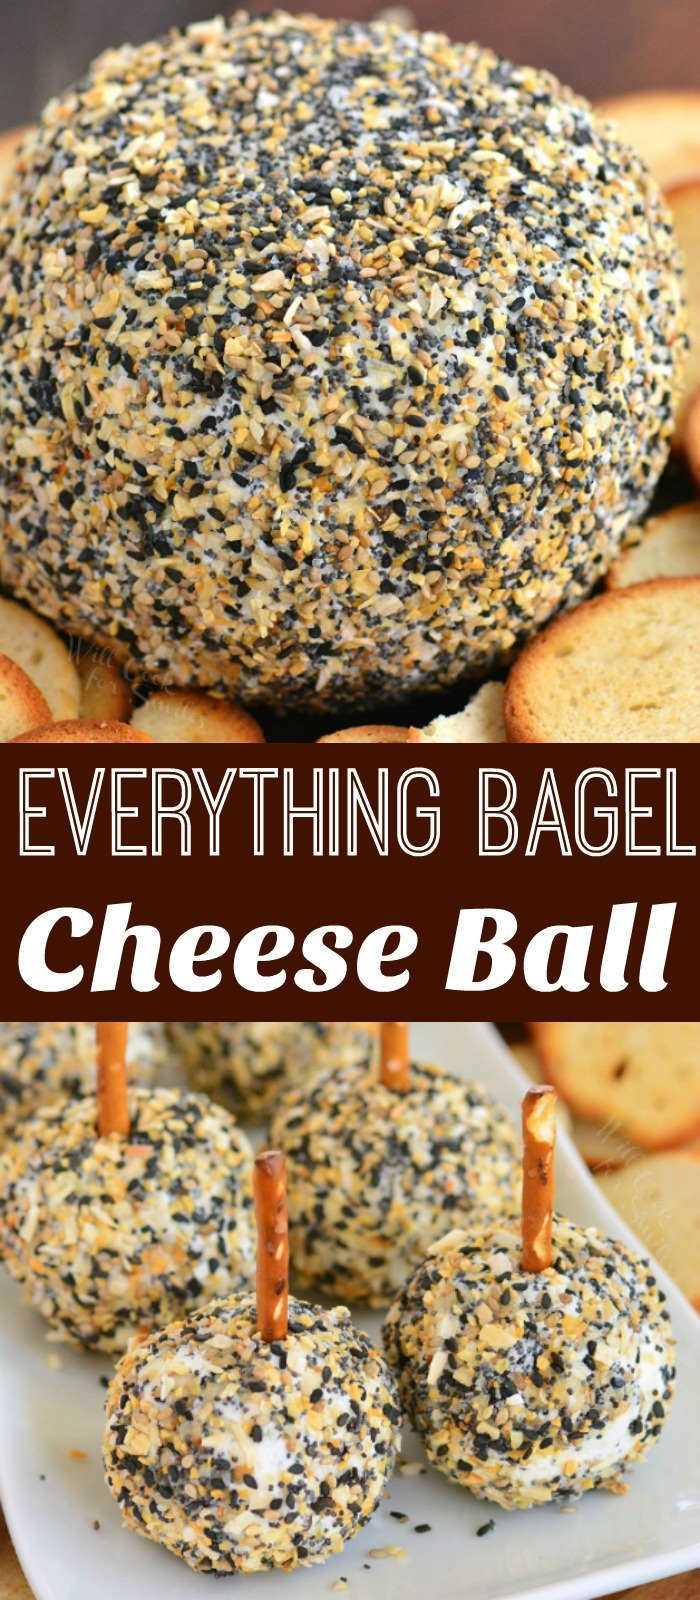 bola de queso y mini collage de bolas de queso